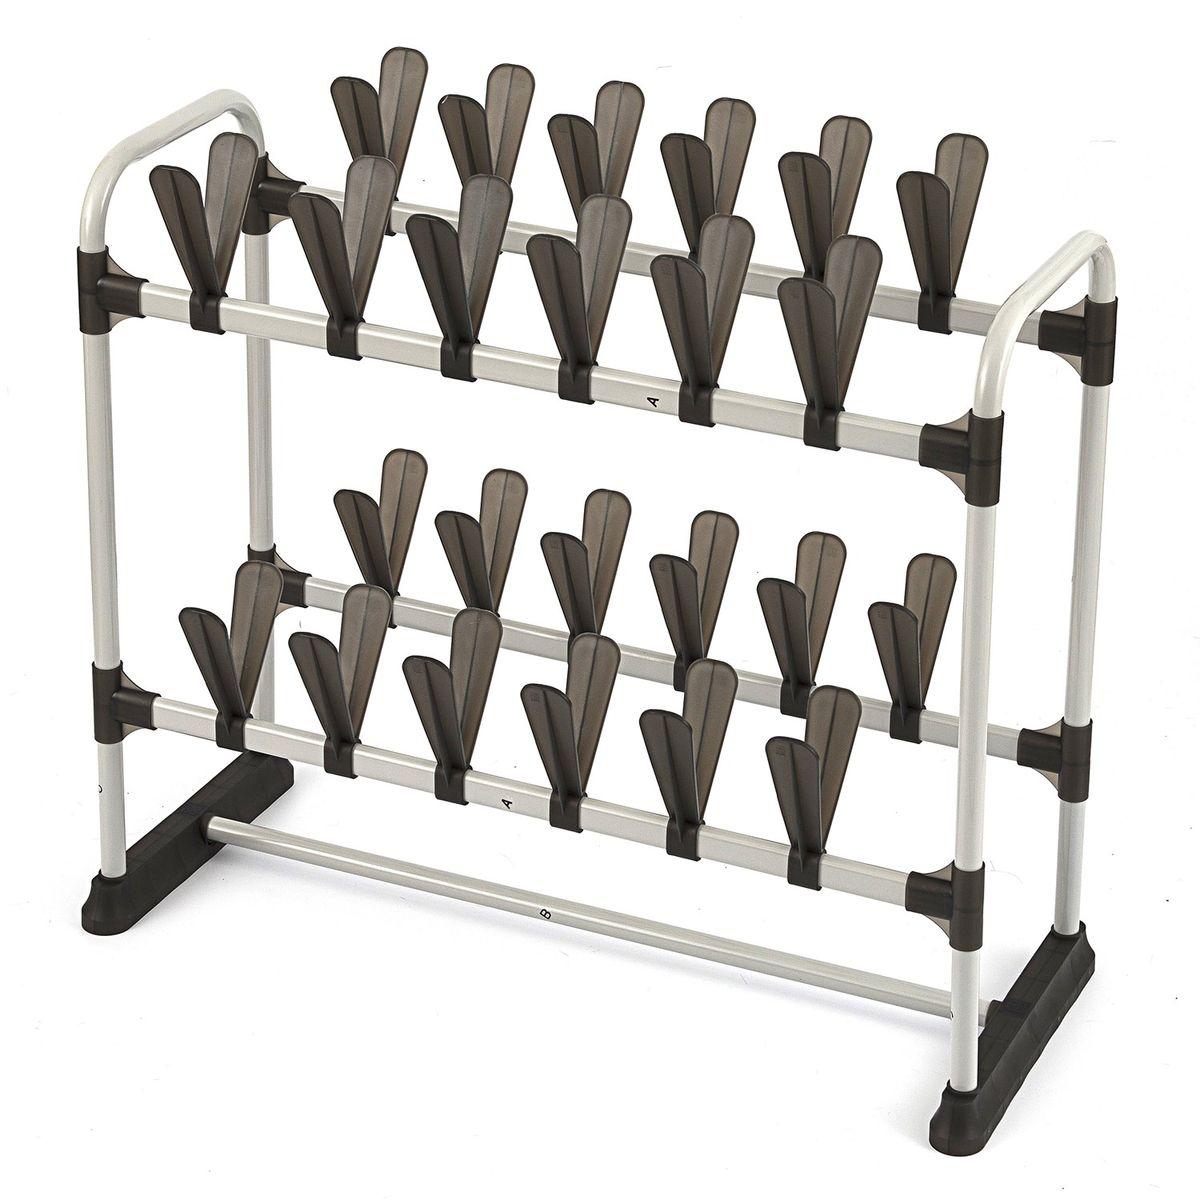 Обувница Homsu, на 24 пары, 73 х 32 х 64 смHOM-685Удобная и компактная система хранения рассчитанная на 24 пары обуви. Данная система позволит вам хранить обувь раздельно и очень аккуратно. Благодаря конструкции в два этажа данная система сэкономит место в вашей прихожей, а так же её можно установить в гардеробную или шкаф-купе. Размер изделия:73x32x64см